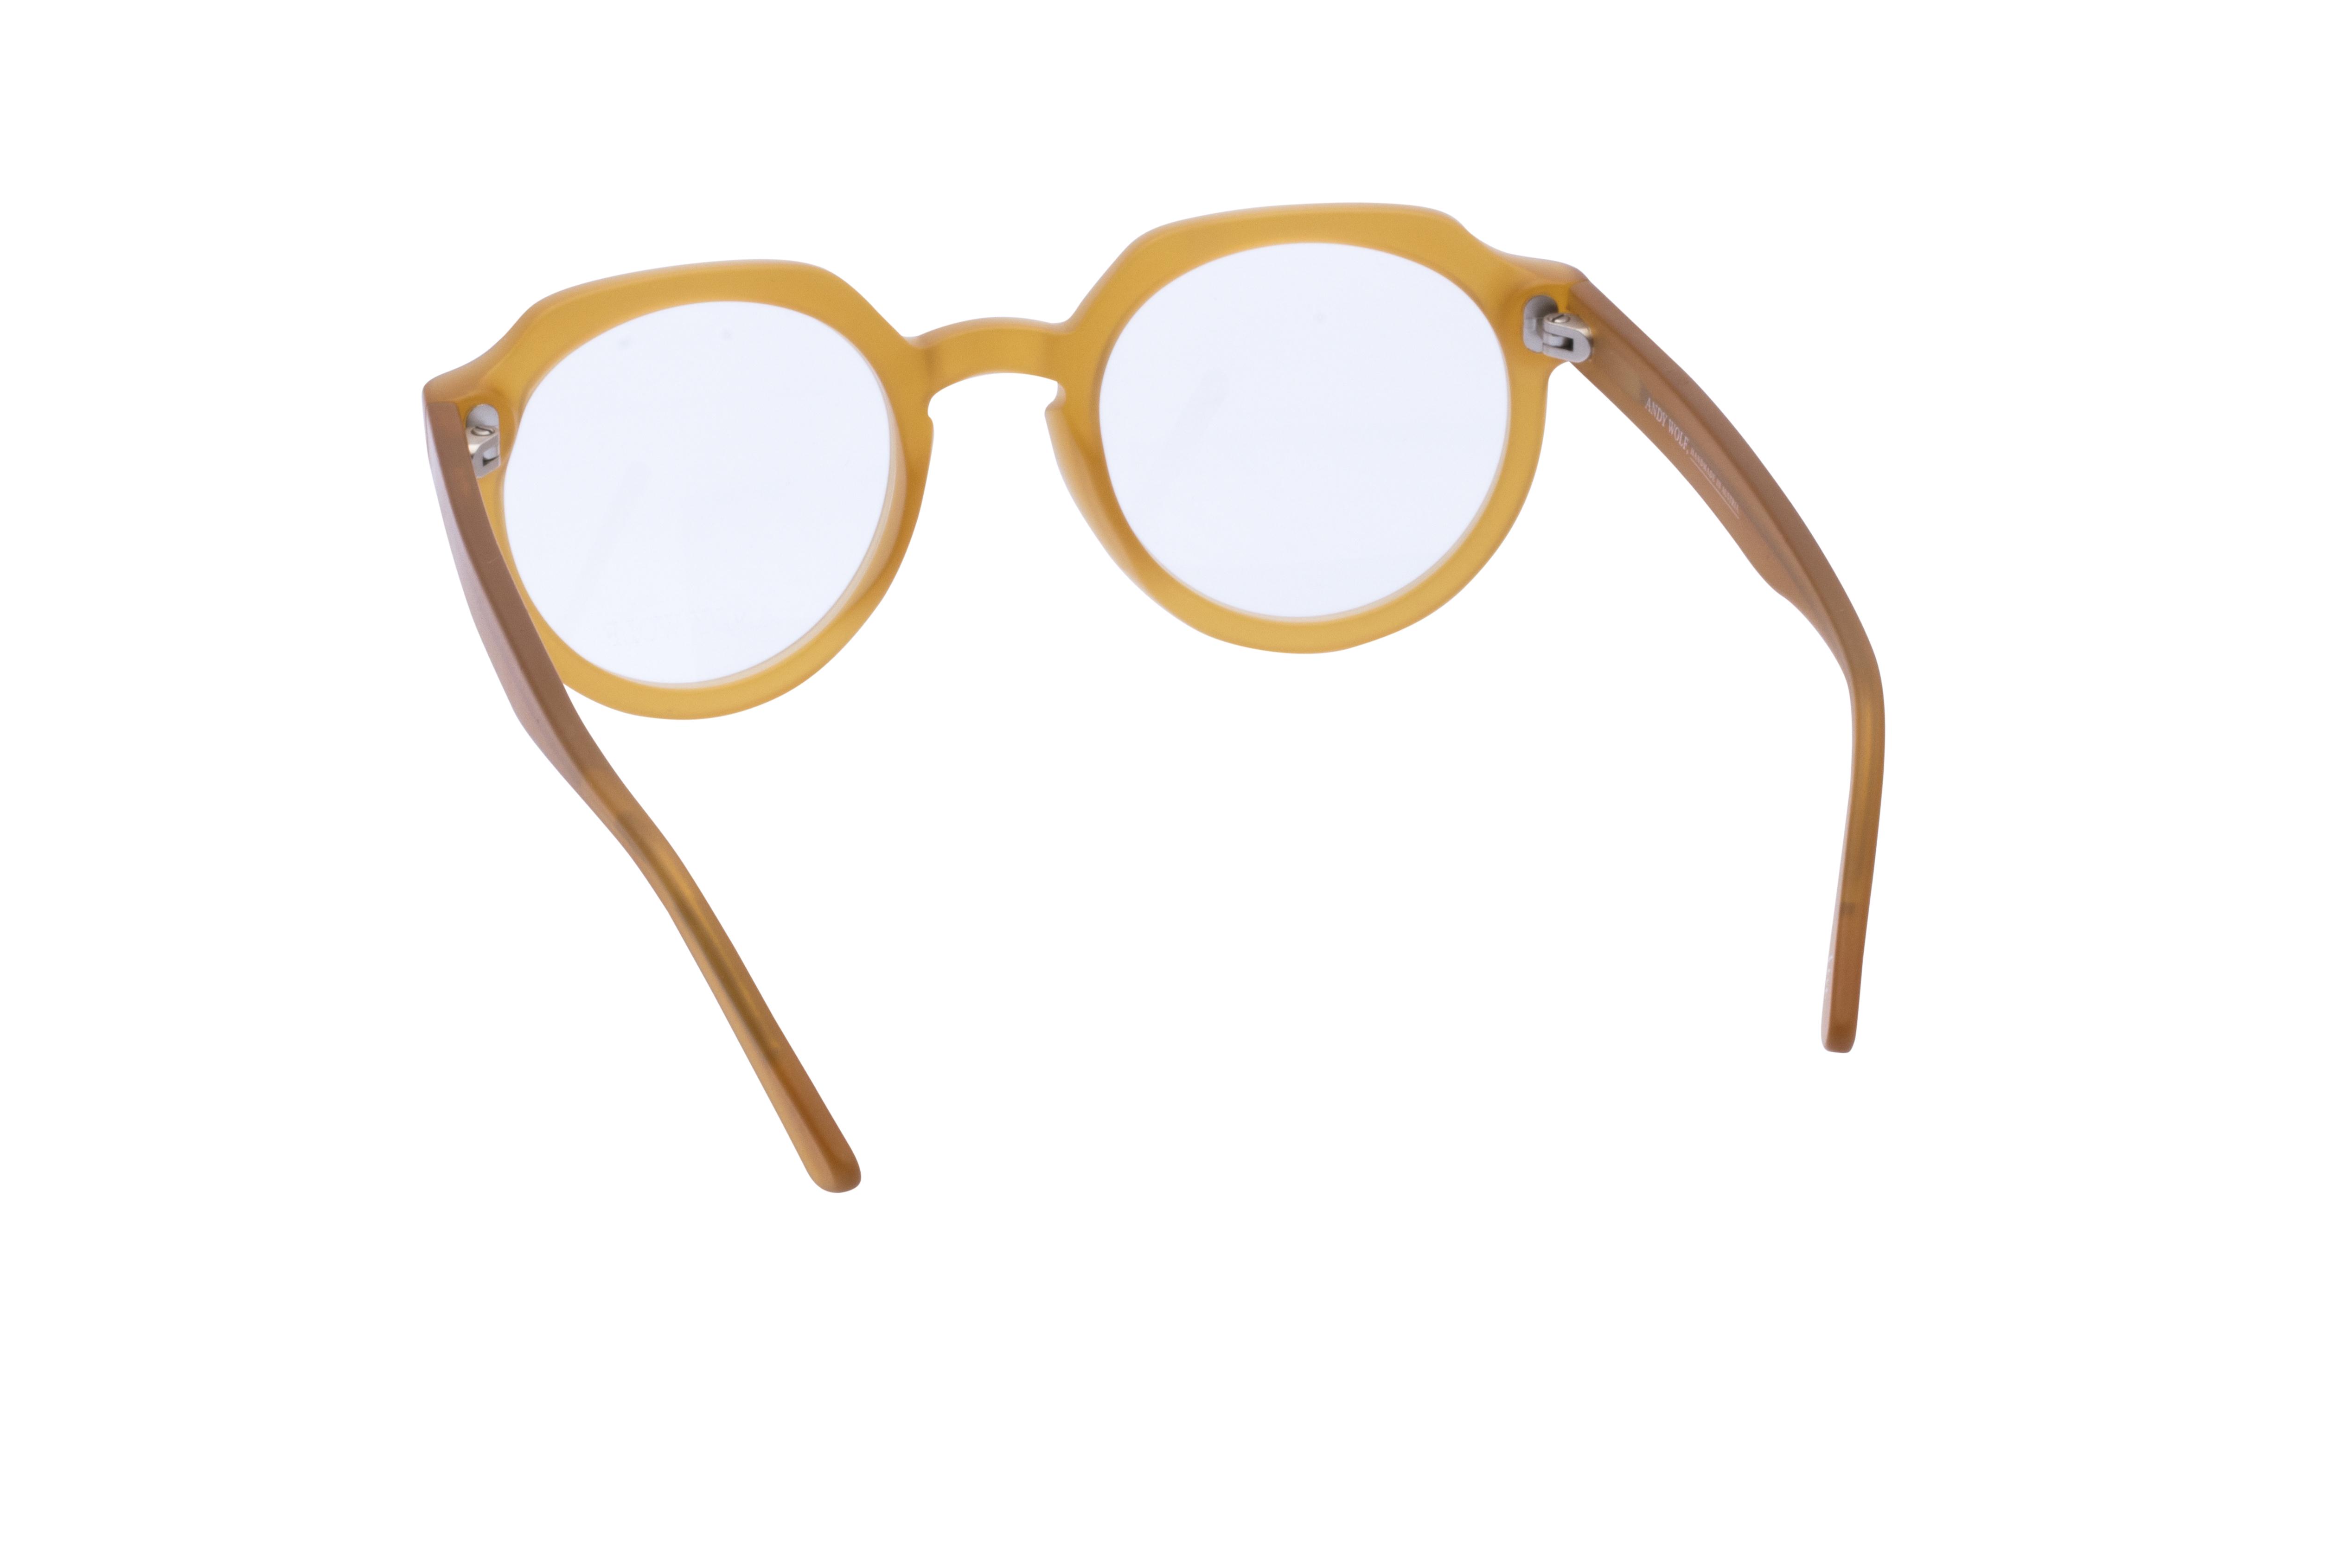 360 Grad Ansicht 13 Andy Wolf 4570, Brille auf Weiß - Fassung bei KUNK